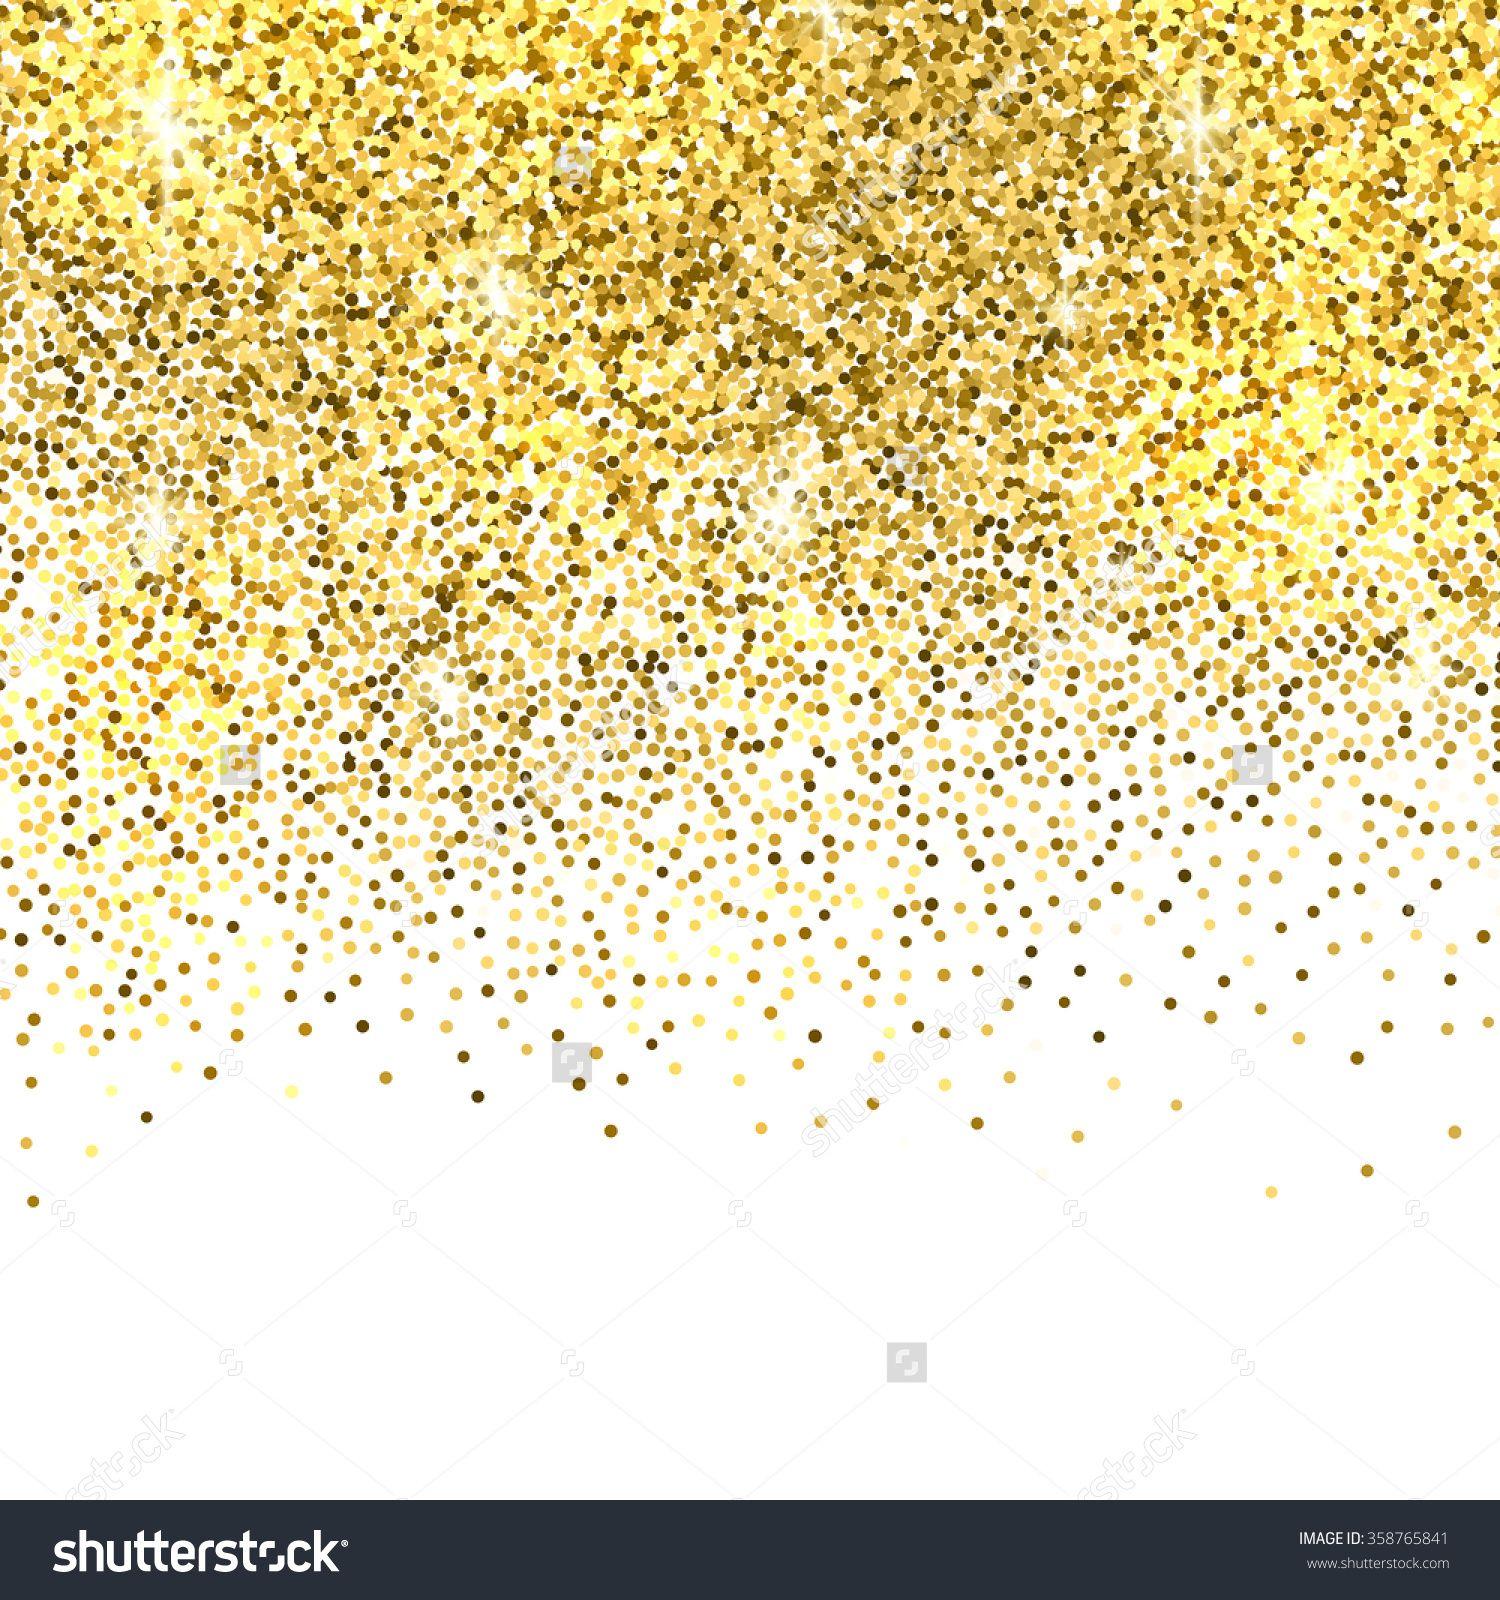 Glitter clipart gold shimmer. Sparkles on white background